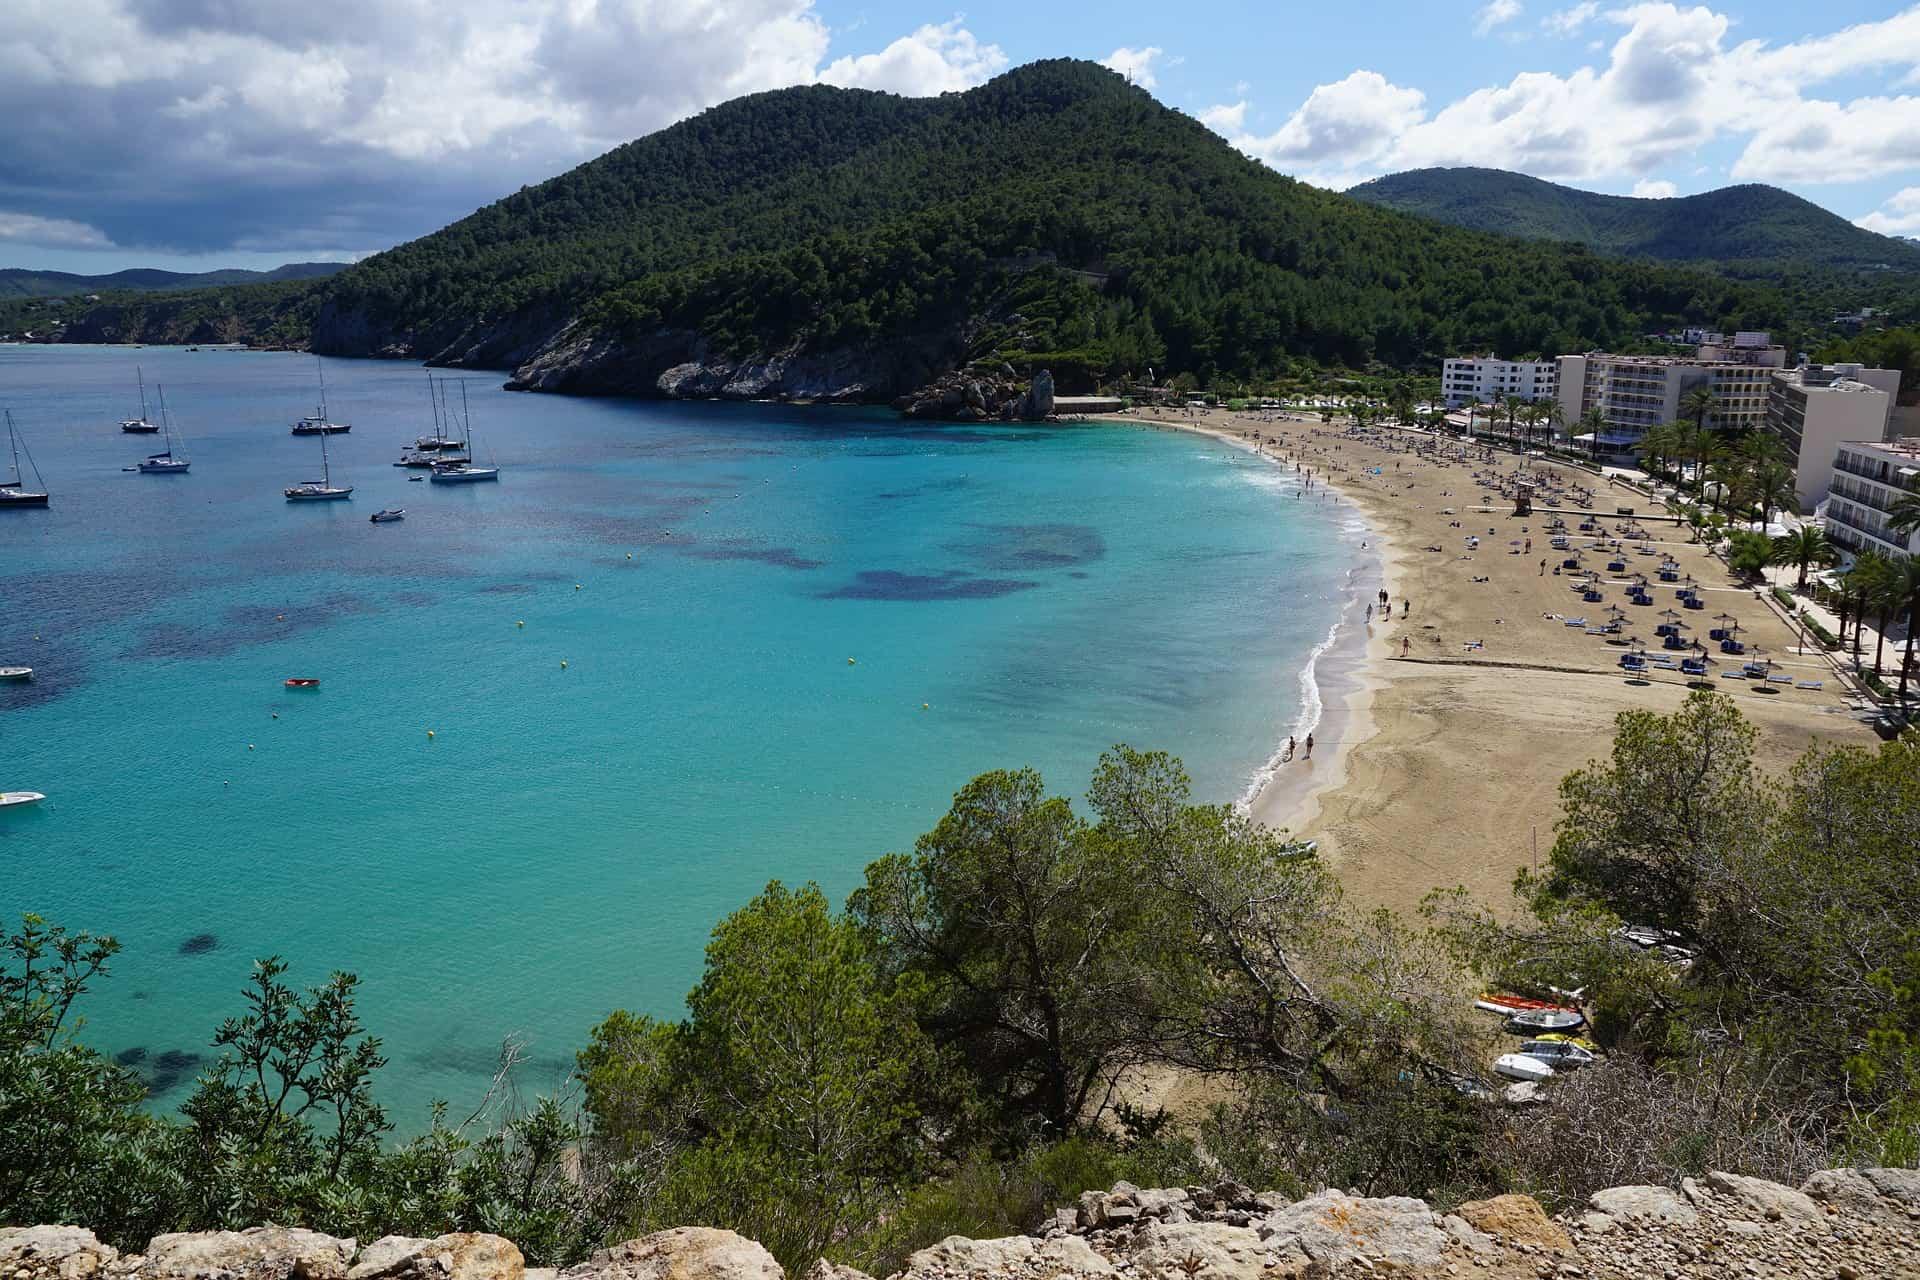 Cala Pada der Strand bei Es Cana mit der größten Promenade.